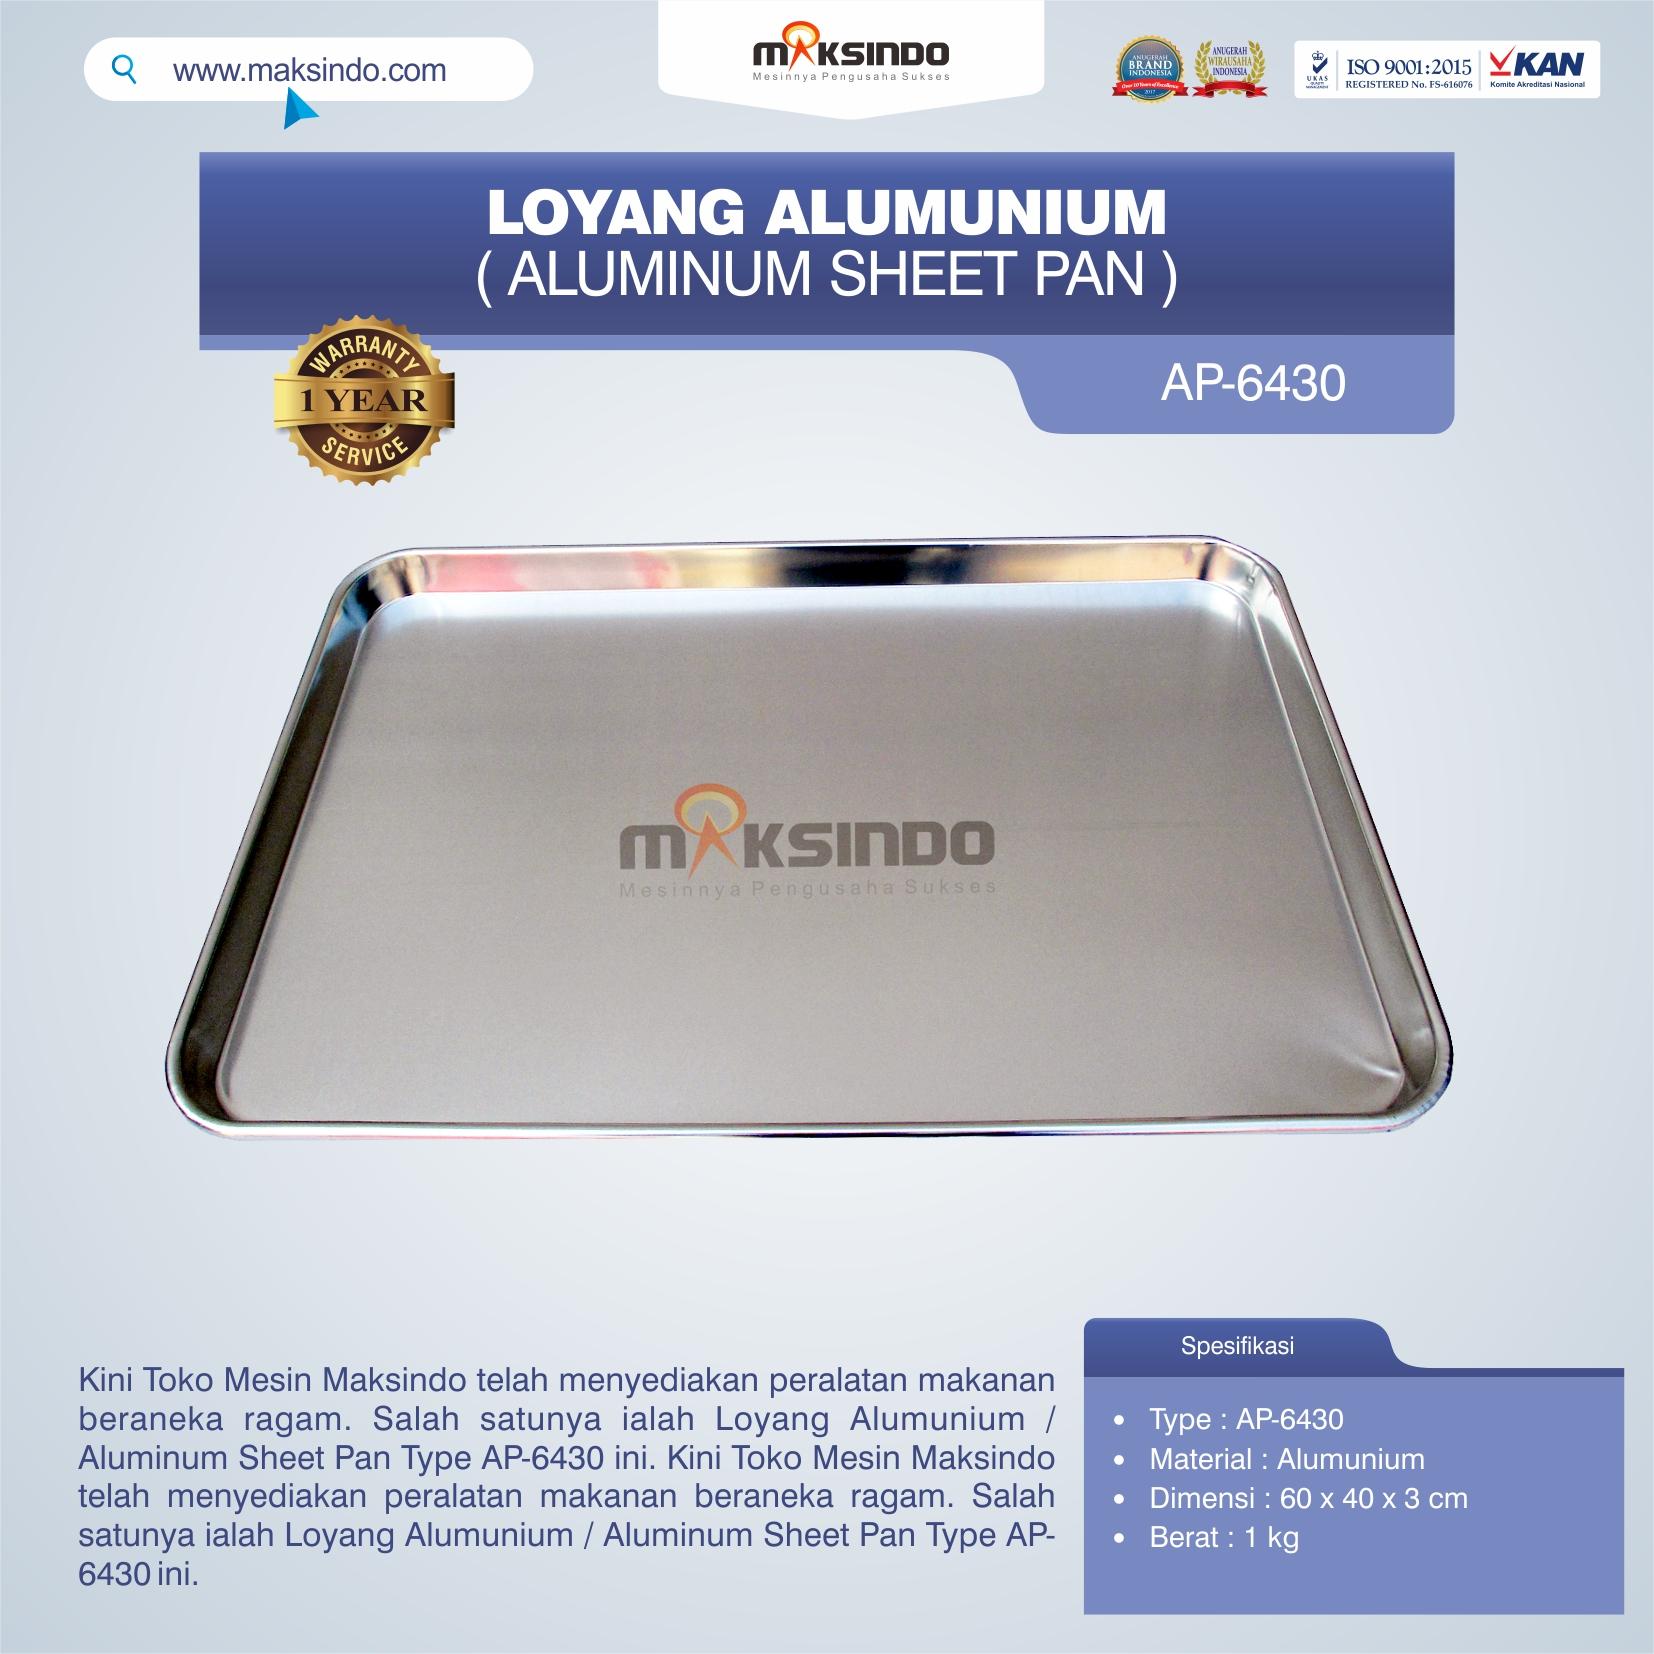 Jual Loyang Alumunium / Aluminum Sheet Pan Type AP-6430 di Pekanbaru